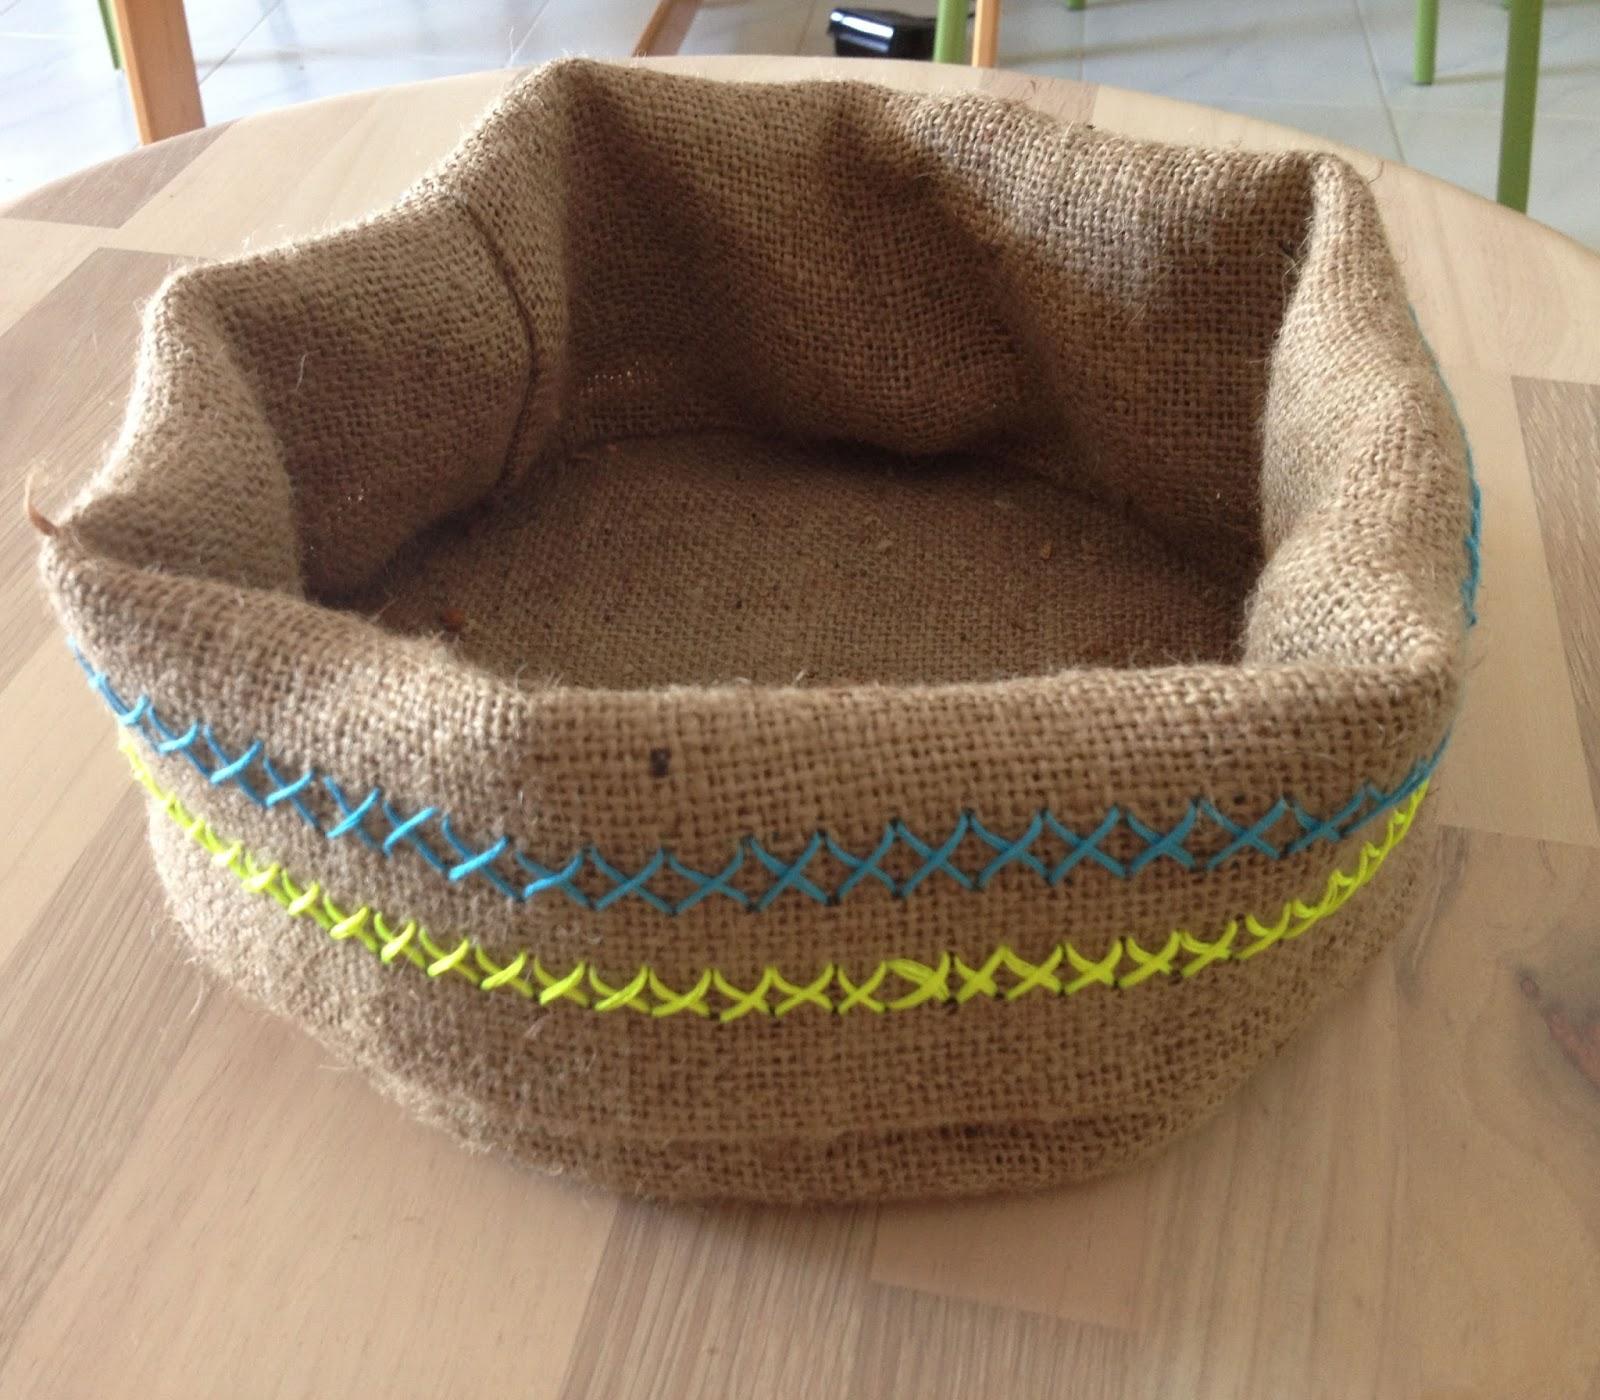 La tricoteca cesto con tela de saco - Cestos de tela ...